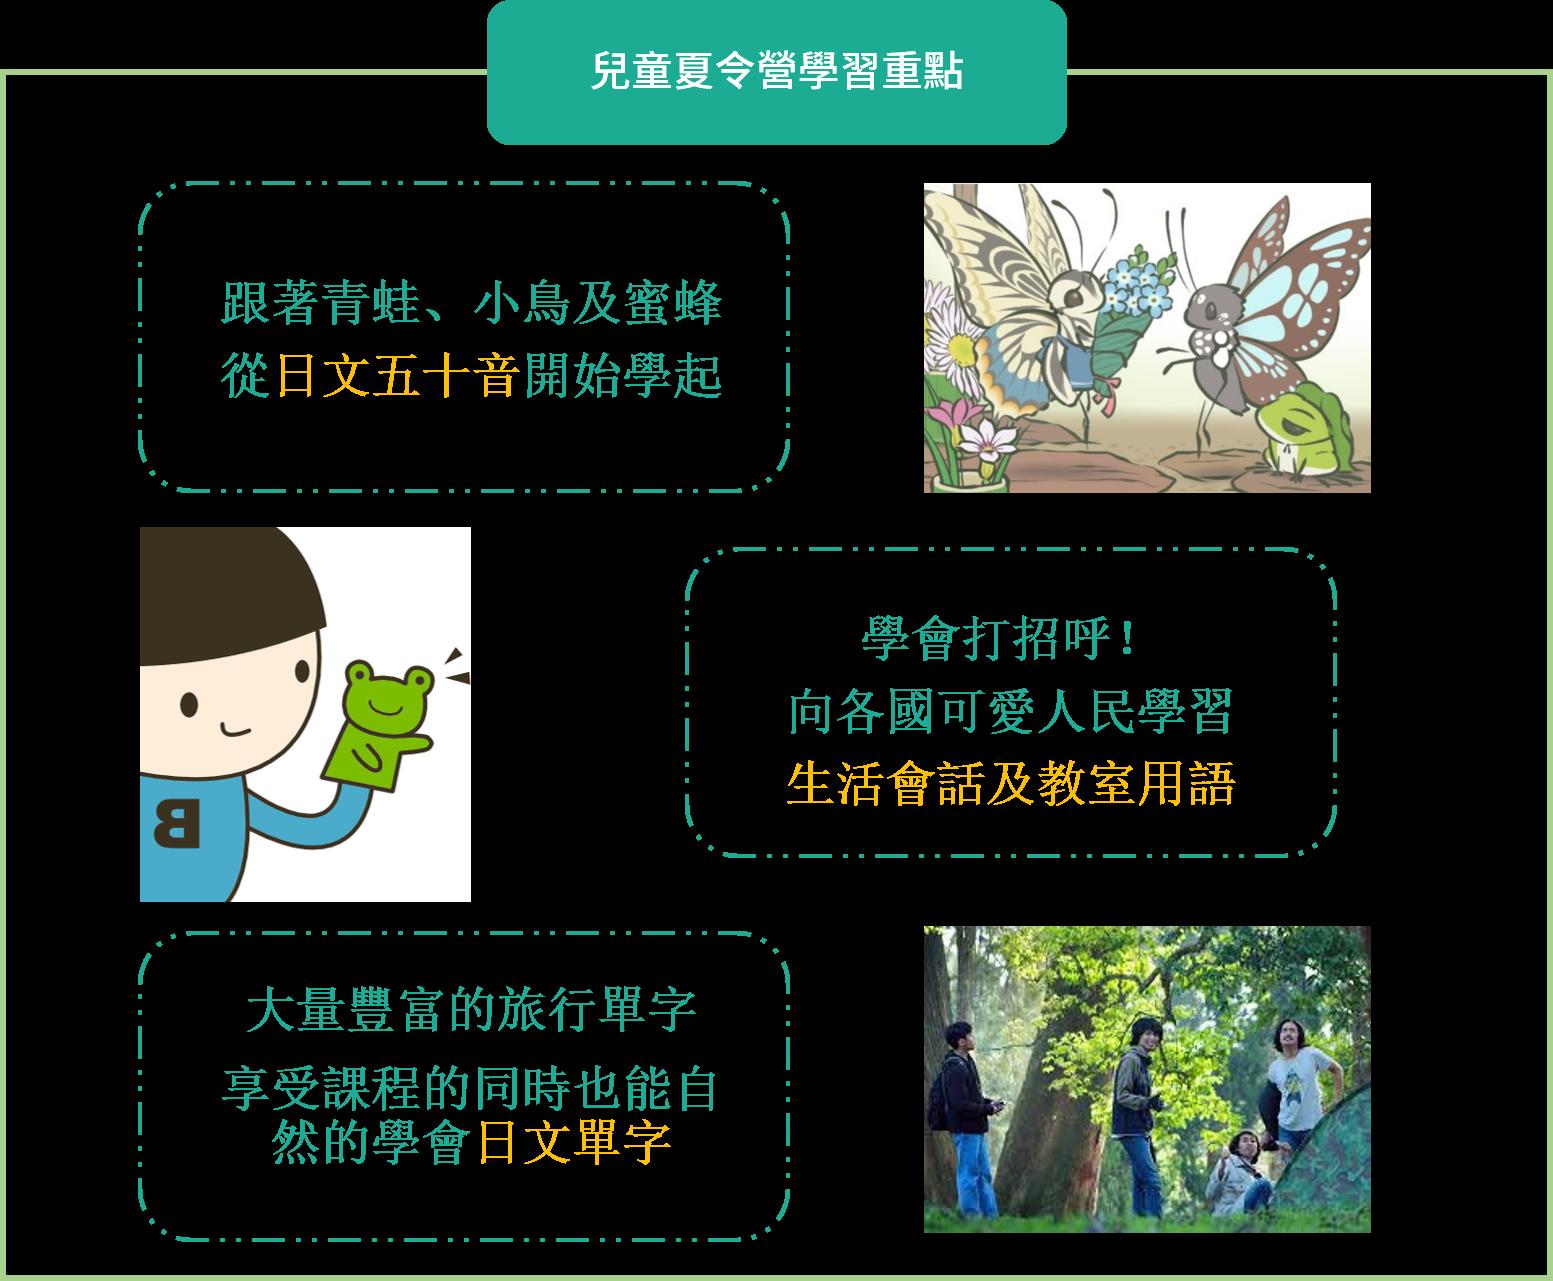 兒童日文夏令營的學習要訣及技巧,整個日文的搭配練習